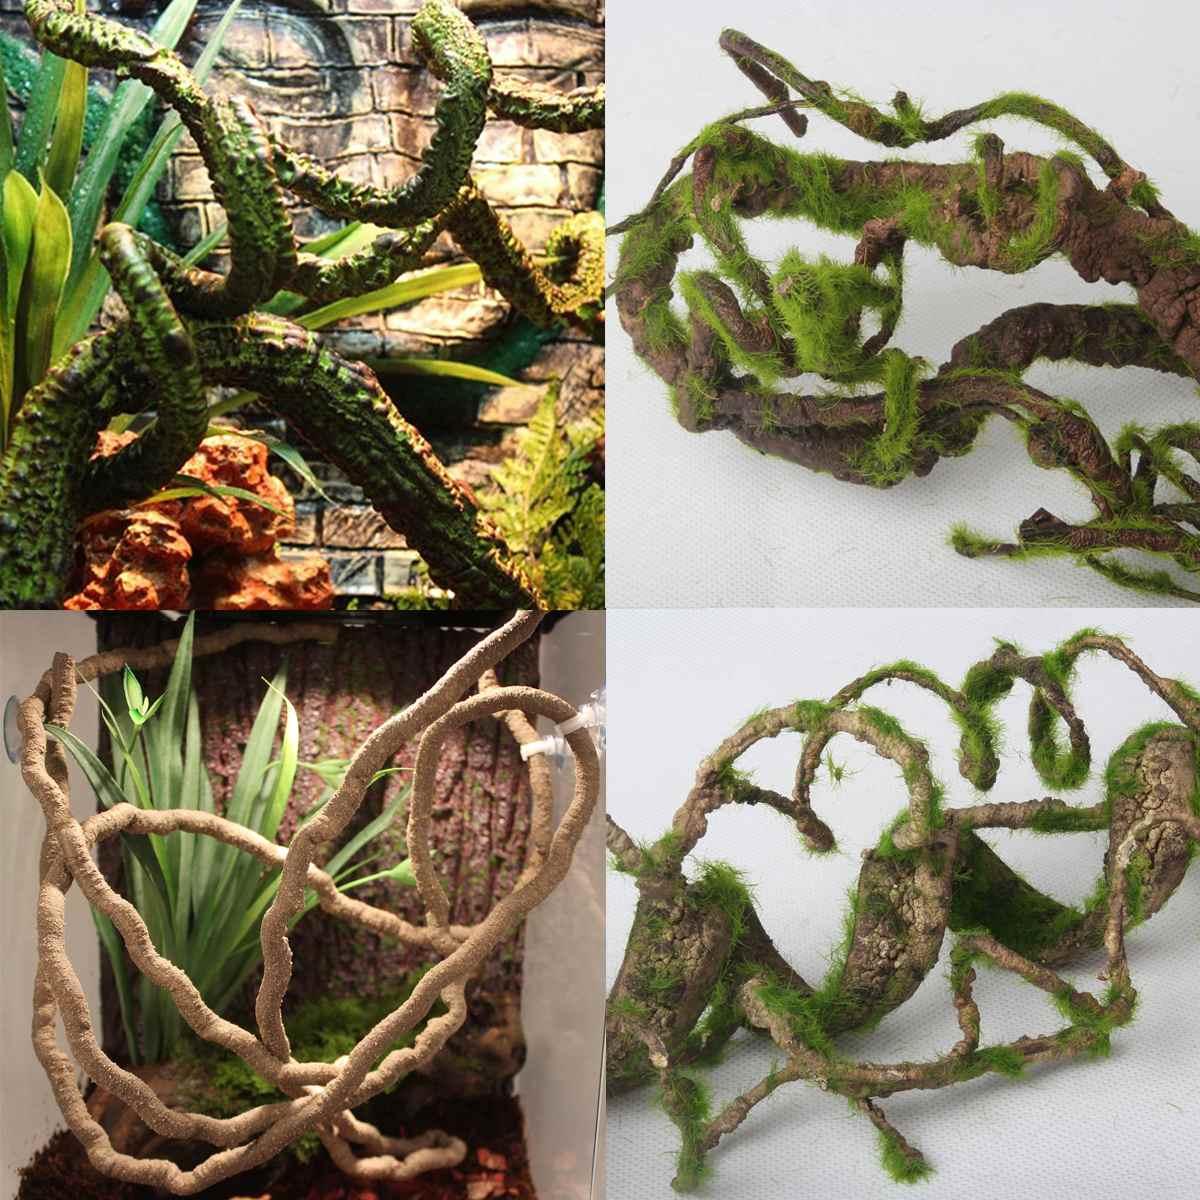 66cm Reptiles Vine Climber Jungle Forest Bendable Artificial Branch Terrarium Cage Decor Flexible Reptile Pet Supplies